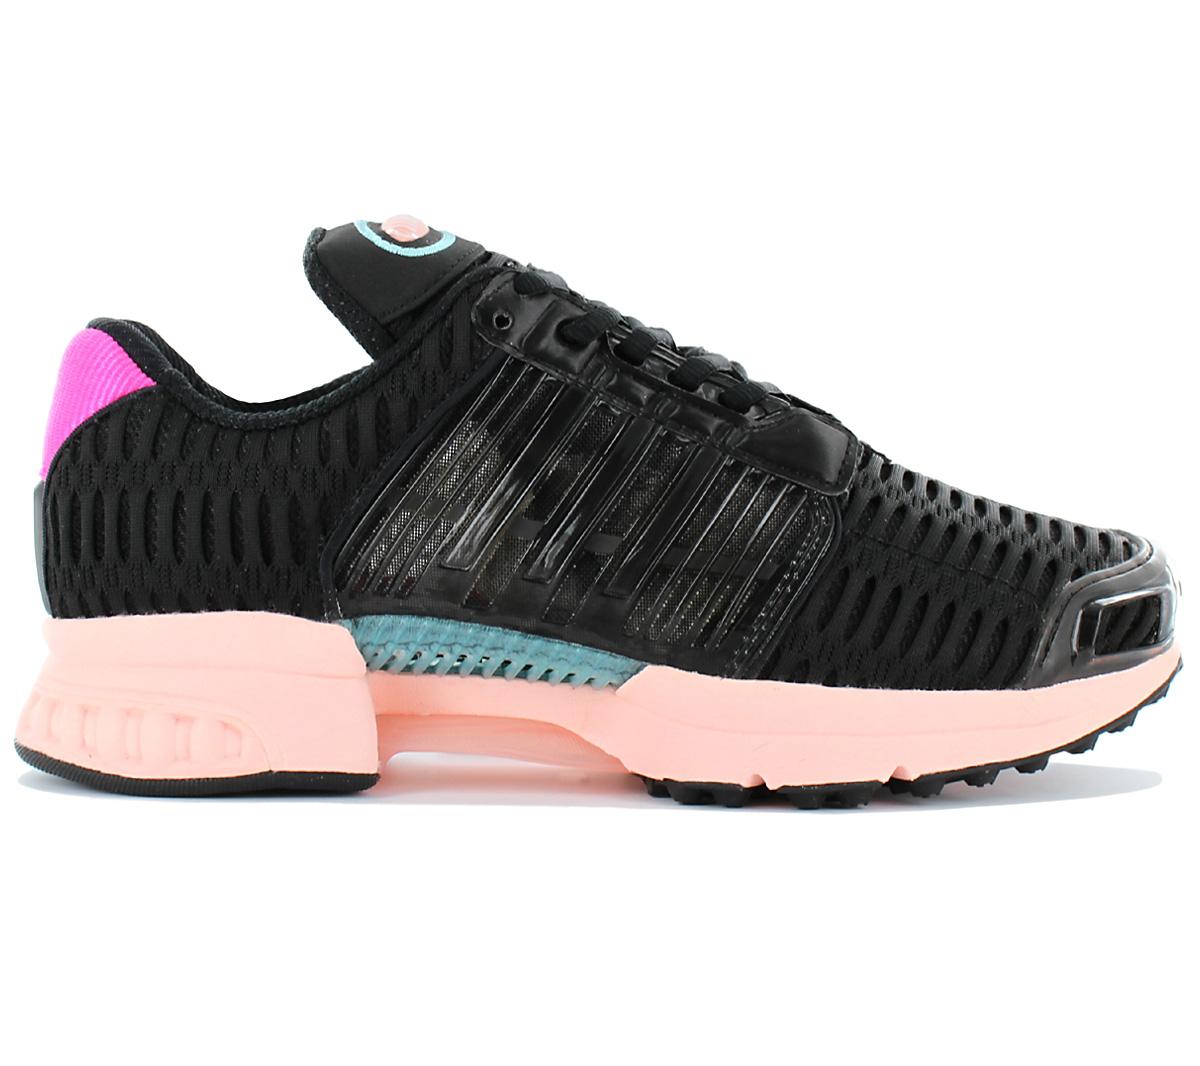 adidas Climacool 1 adidas Herren Sneaker in Größe EUR 43